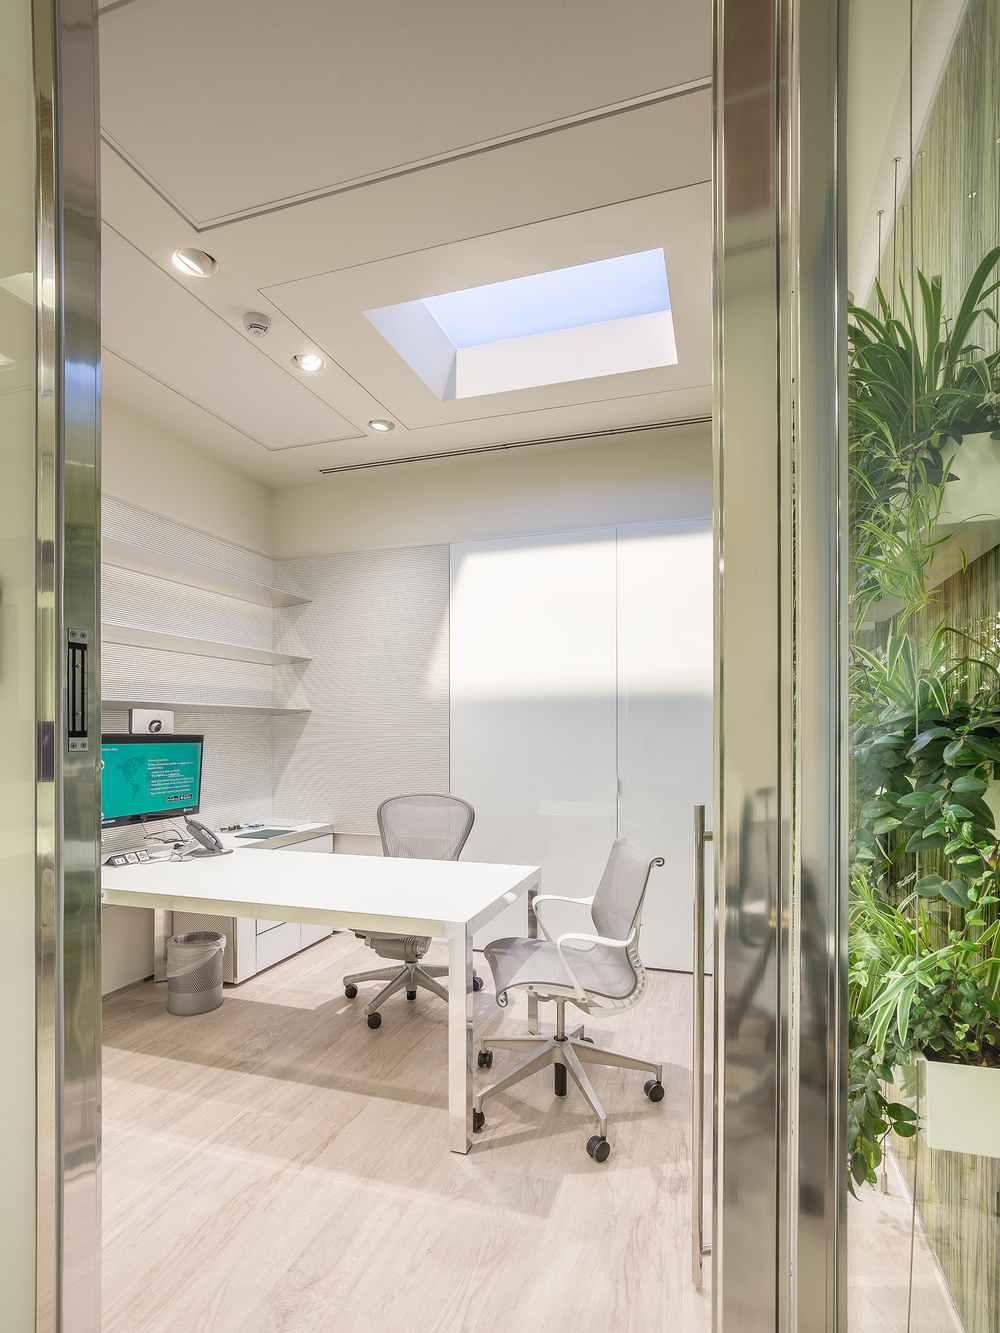 coelux oficina estilo moderno